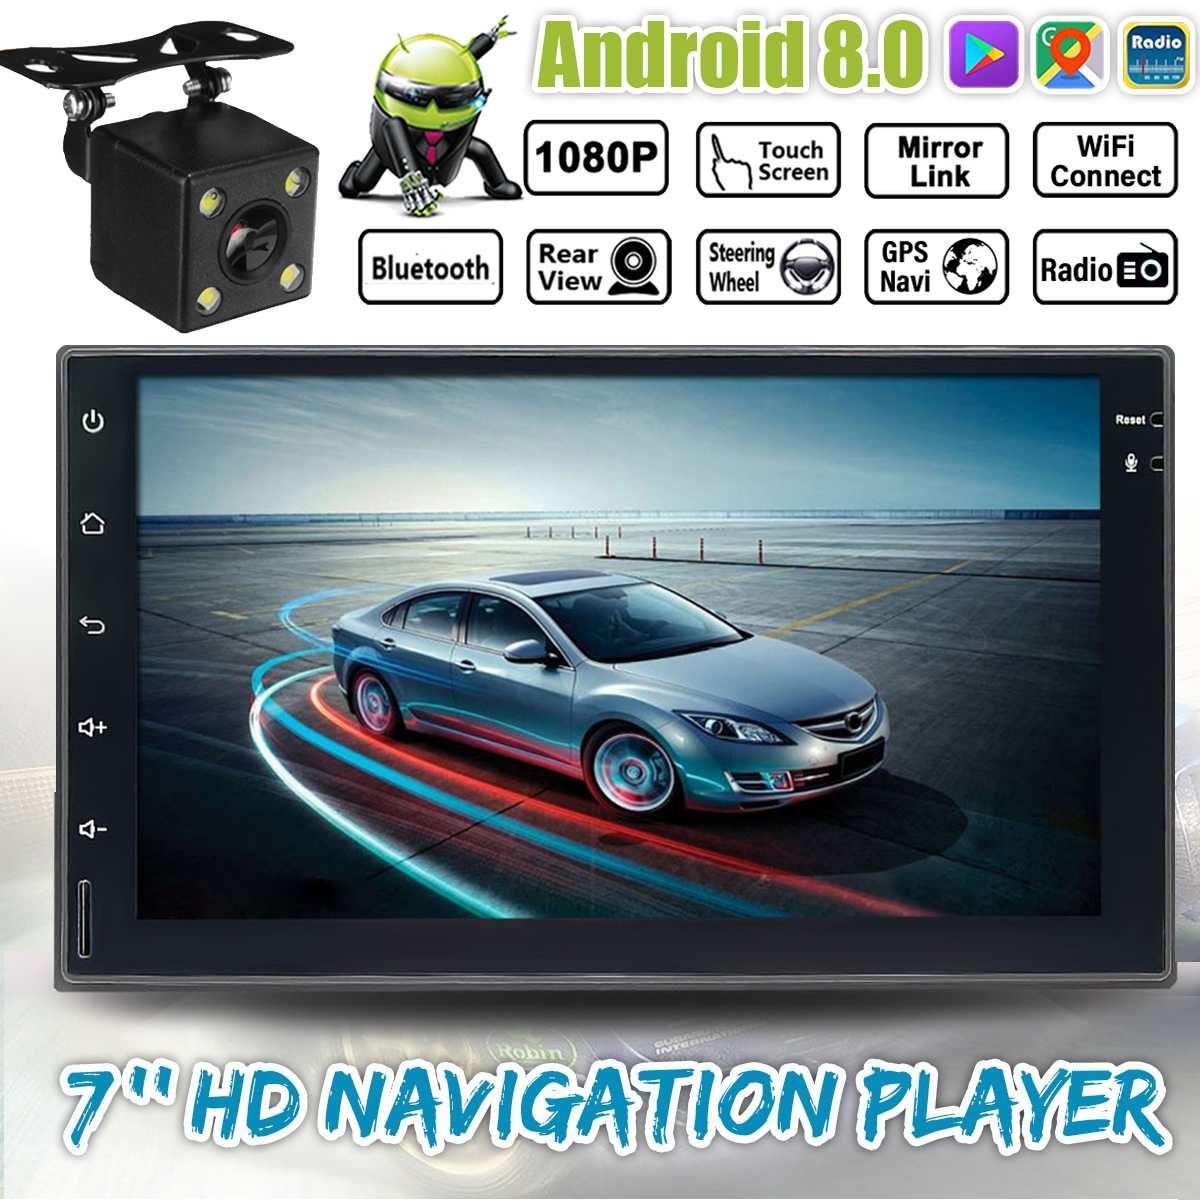 7 pouces IPS bluetooth WIFI autoradio 2 Din Android GPS Navigation FM/DVD/MP5 lecteur multimédia stéréo récepteur sans fil transmission